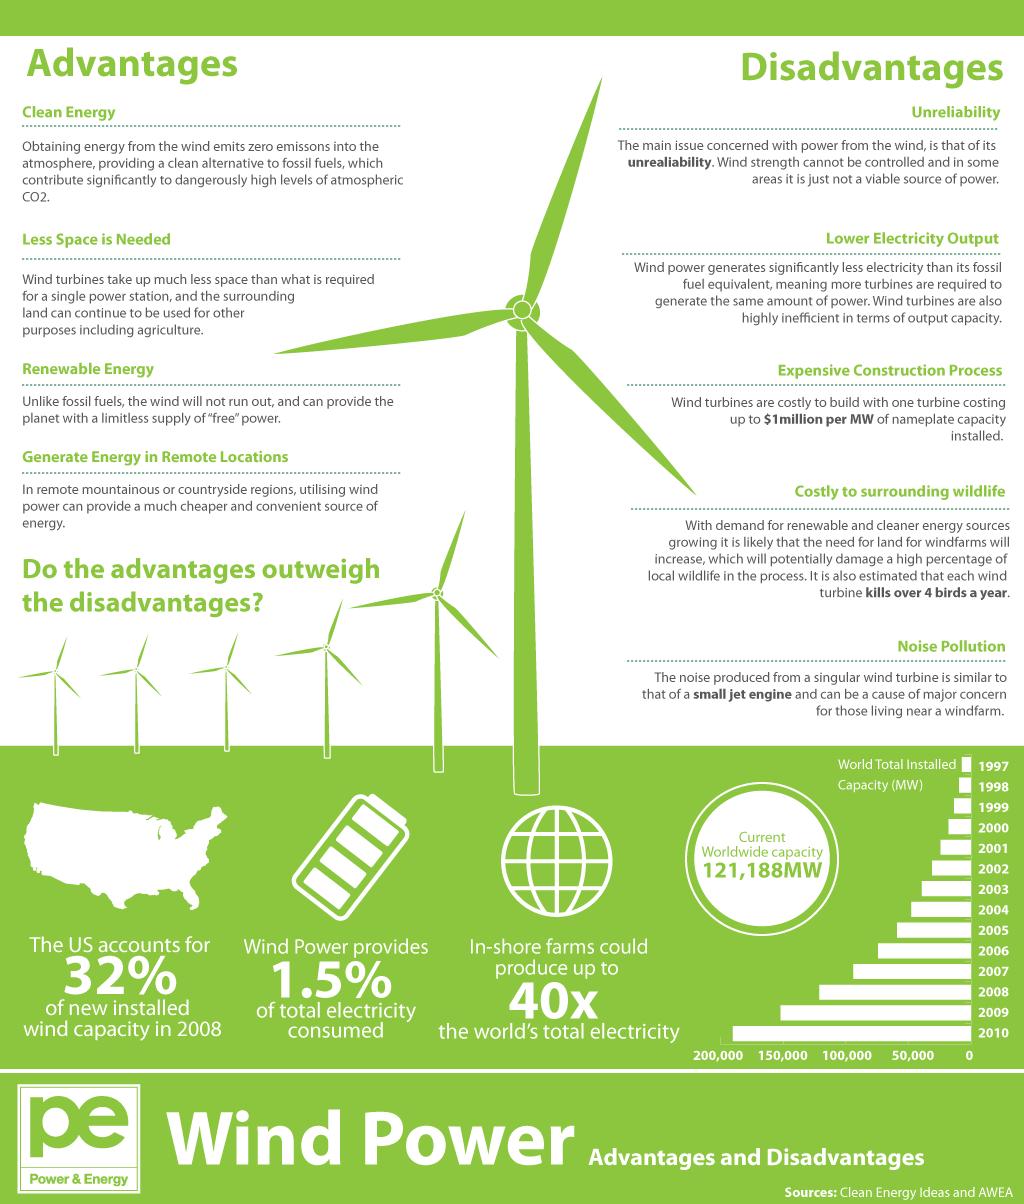 Достоинства и недостатки ветровой энергетики